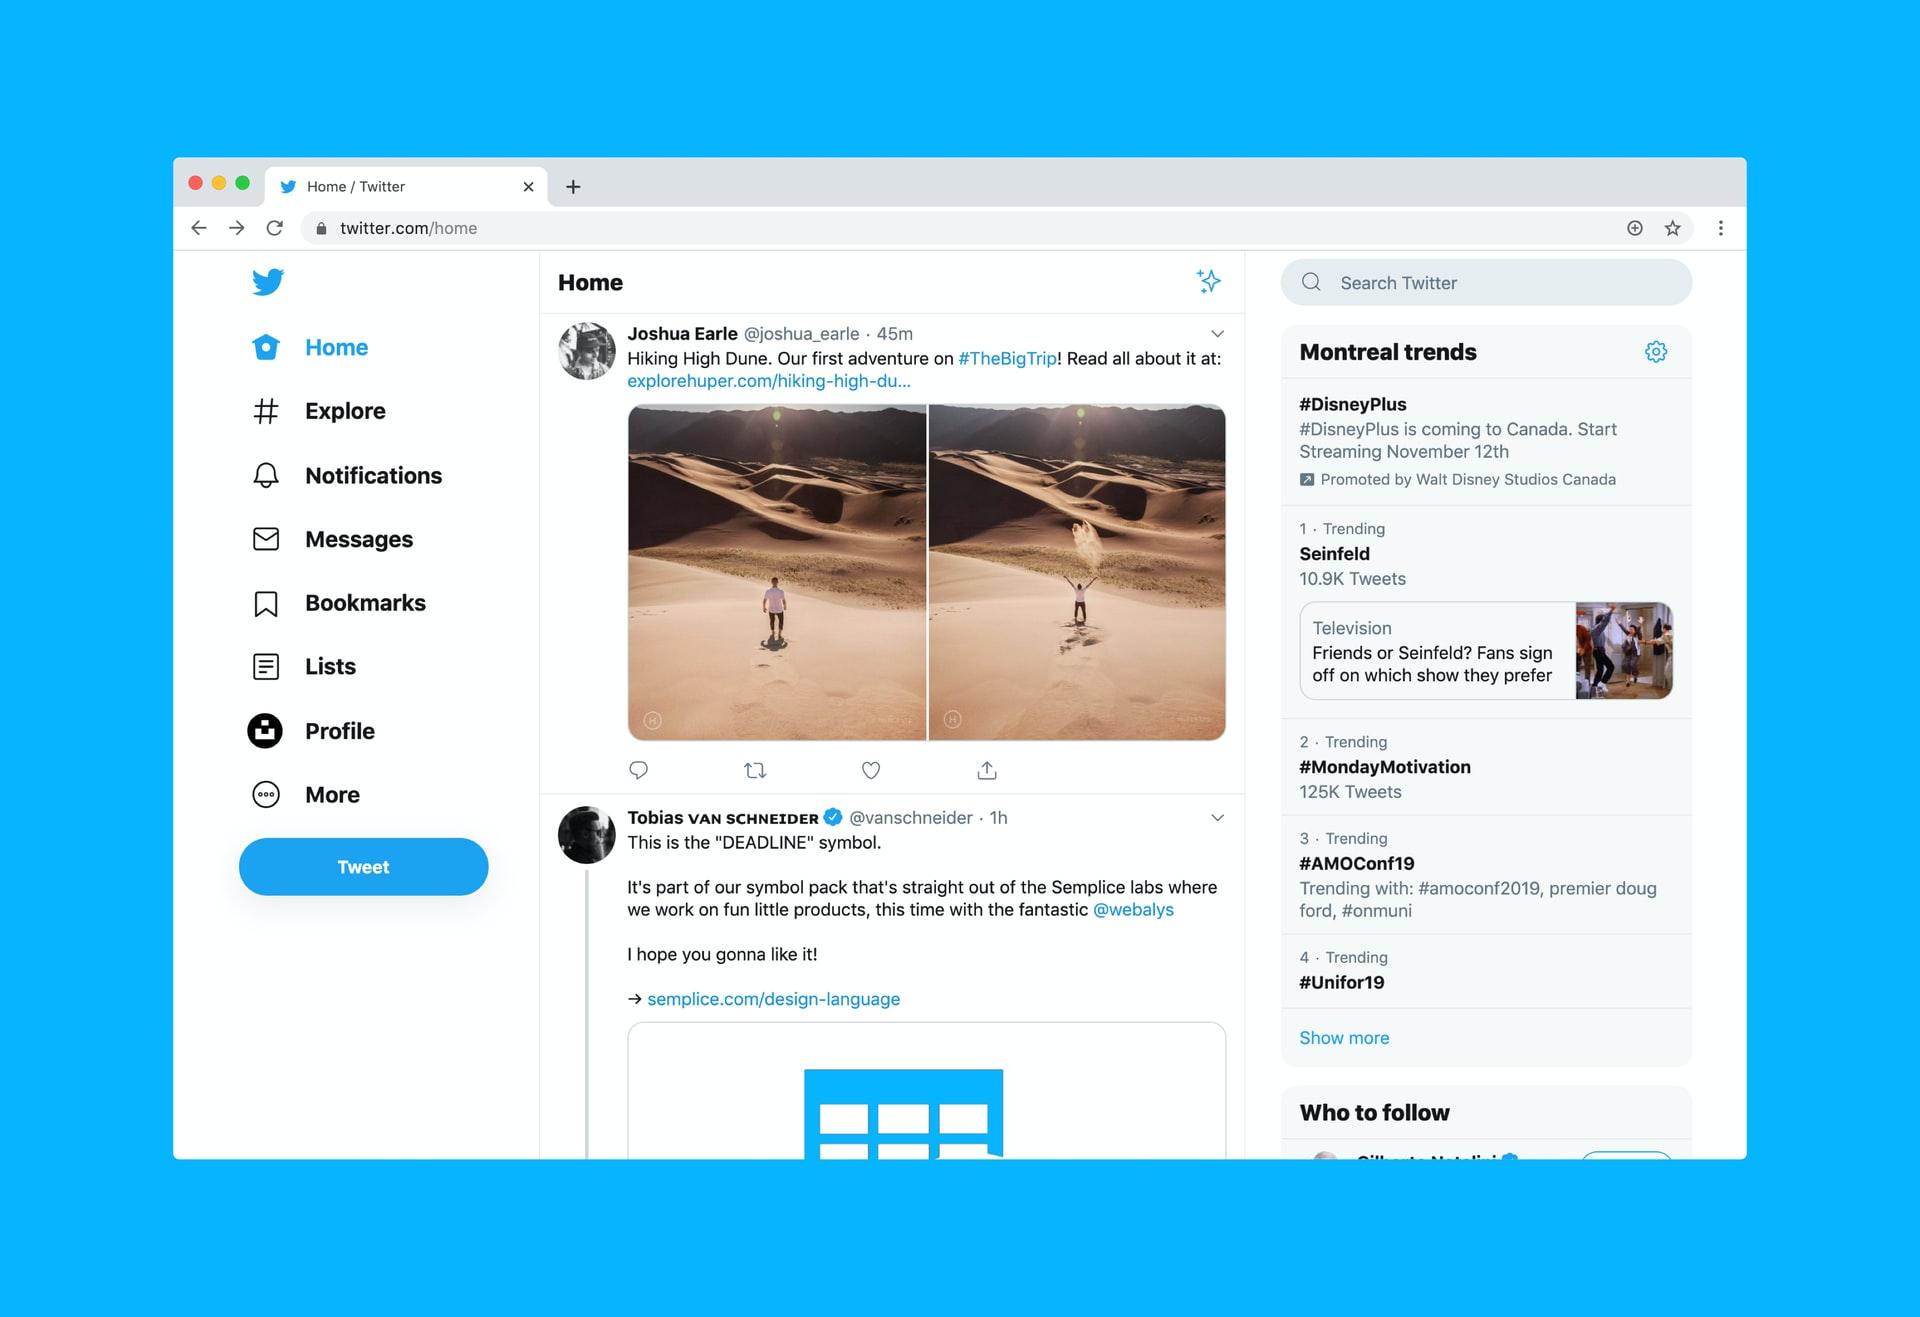 Twitterで勉強垢を使うメリットとデメリットの導入画像